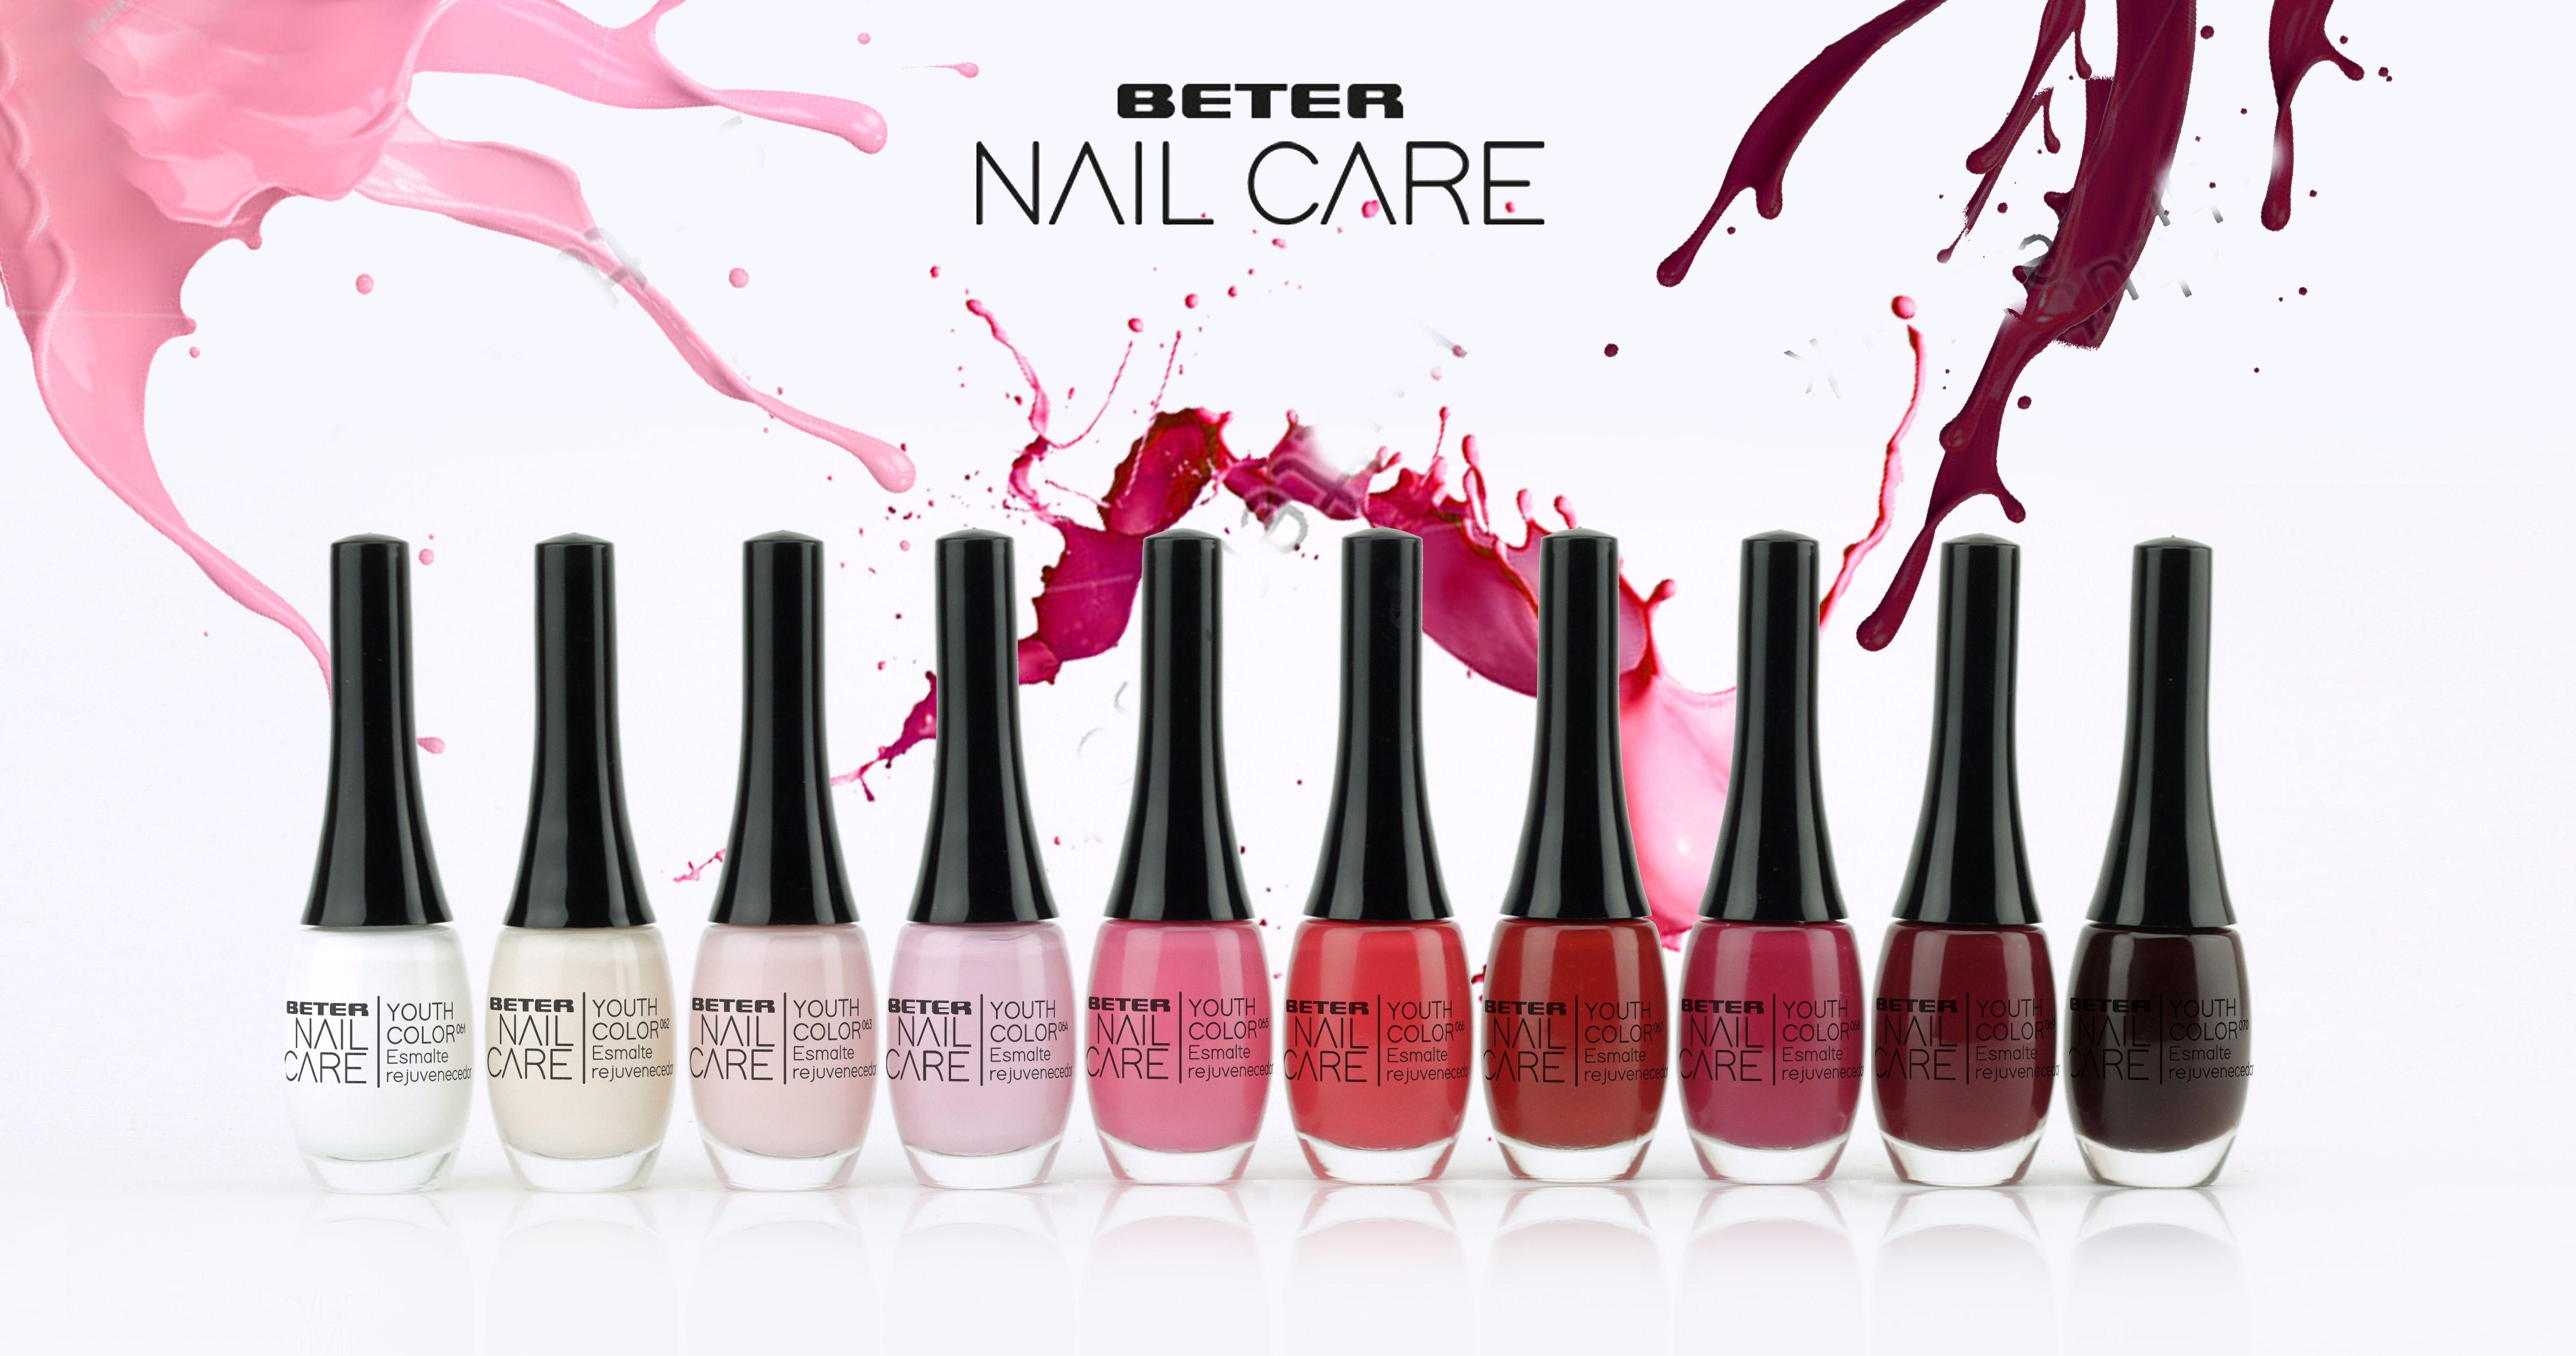 beter nail care